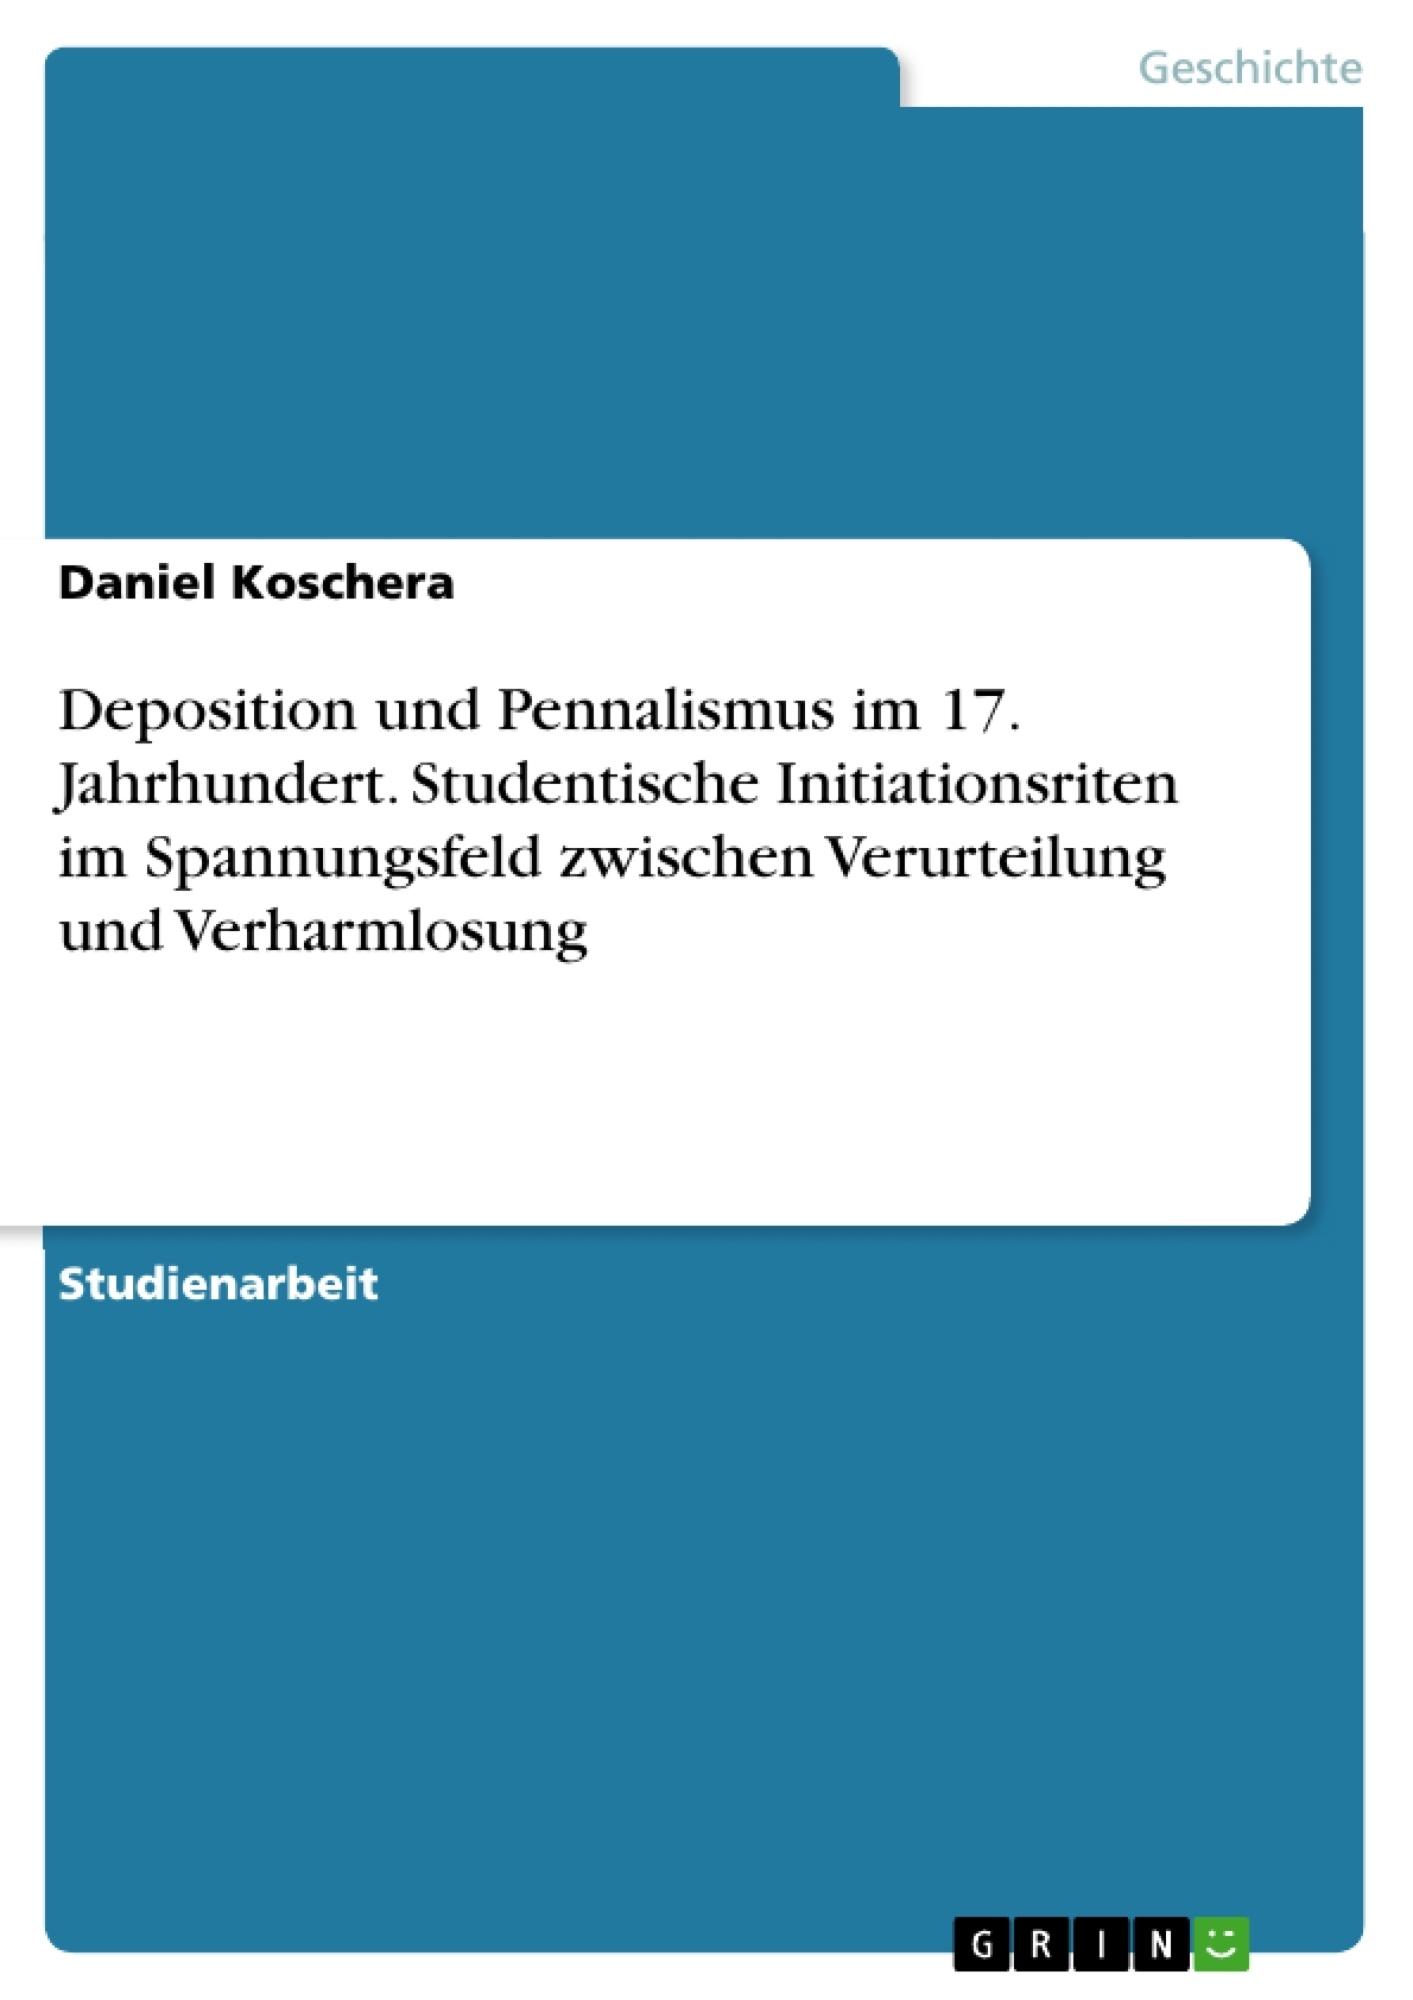 Titel: Deposition und Pennalismus im 17. Jahrhundert. Studentische Initiationsriten im Spannungsfeld zwischen Verurteilung und Verharmlosung